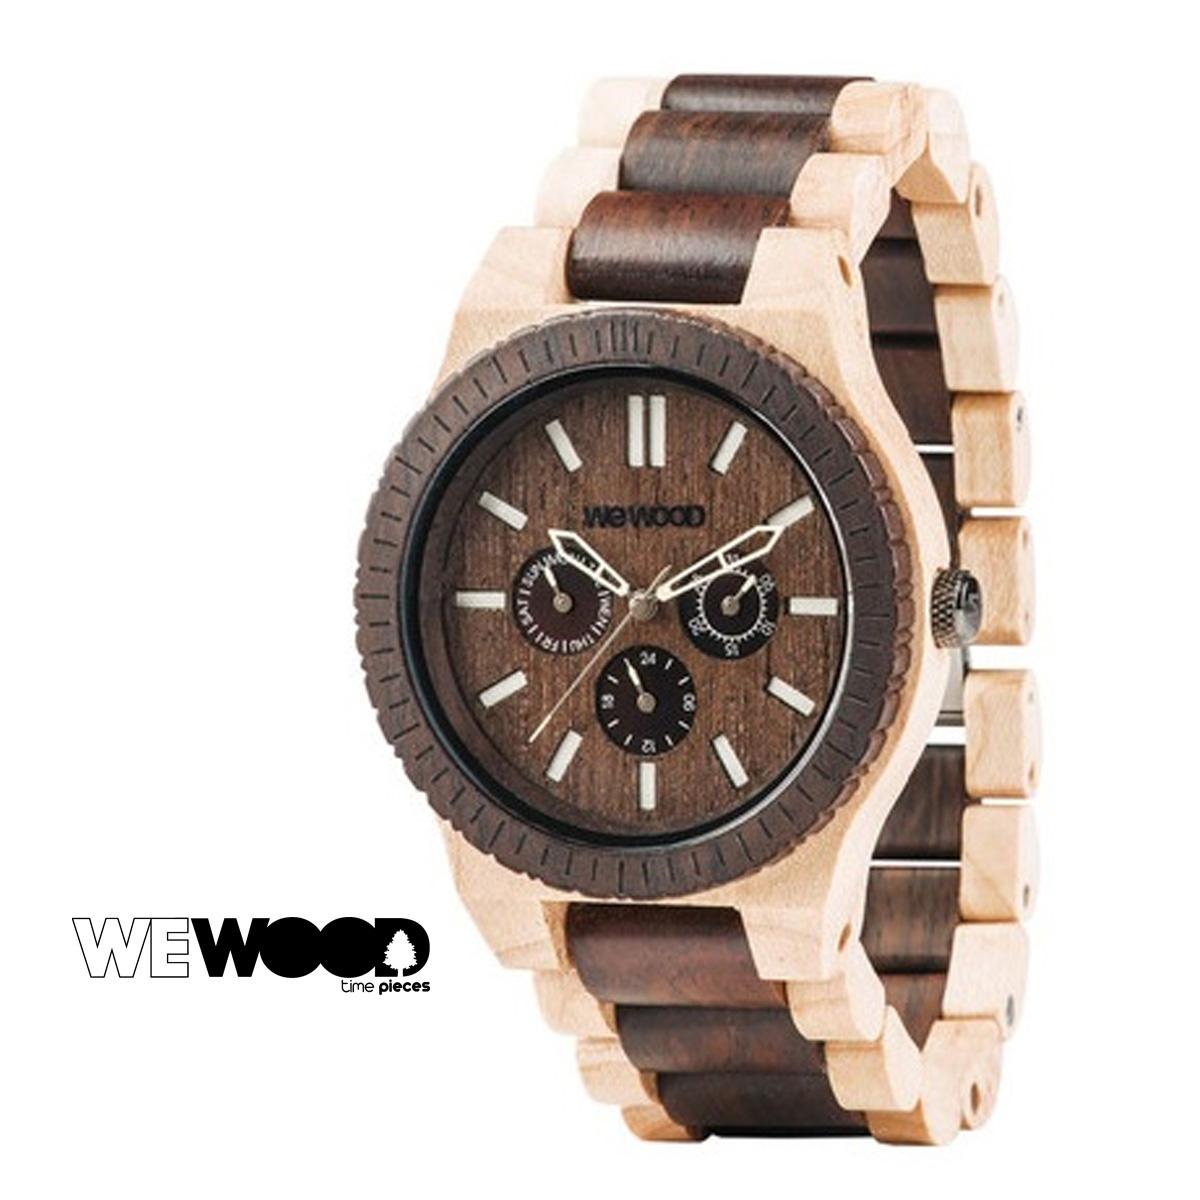 ウィーウッド WEWOOD 腕時計 KAPPA チョコ ホワイト 白 CHOCOLATE CREMA メンズ レディース